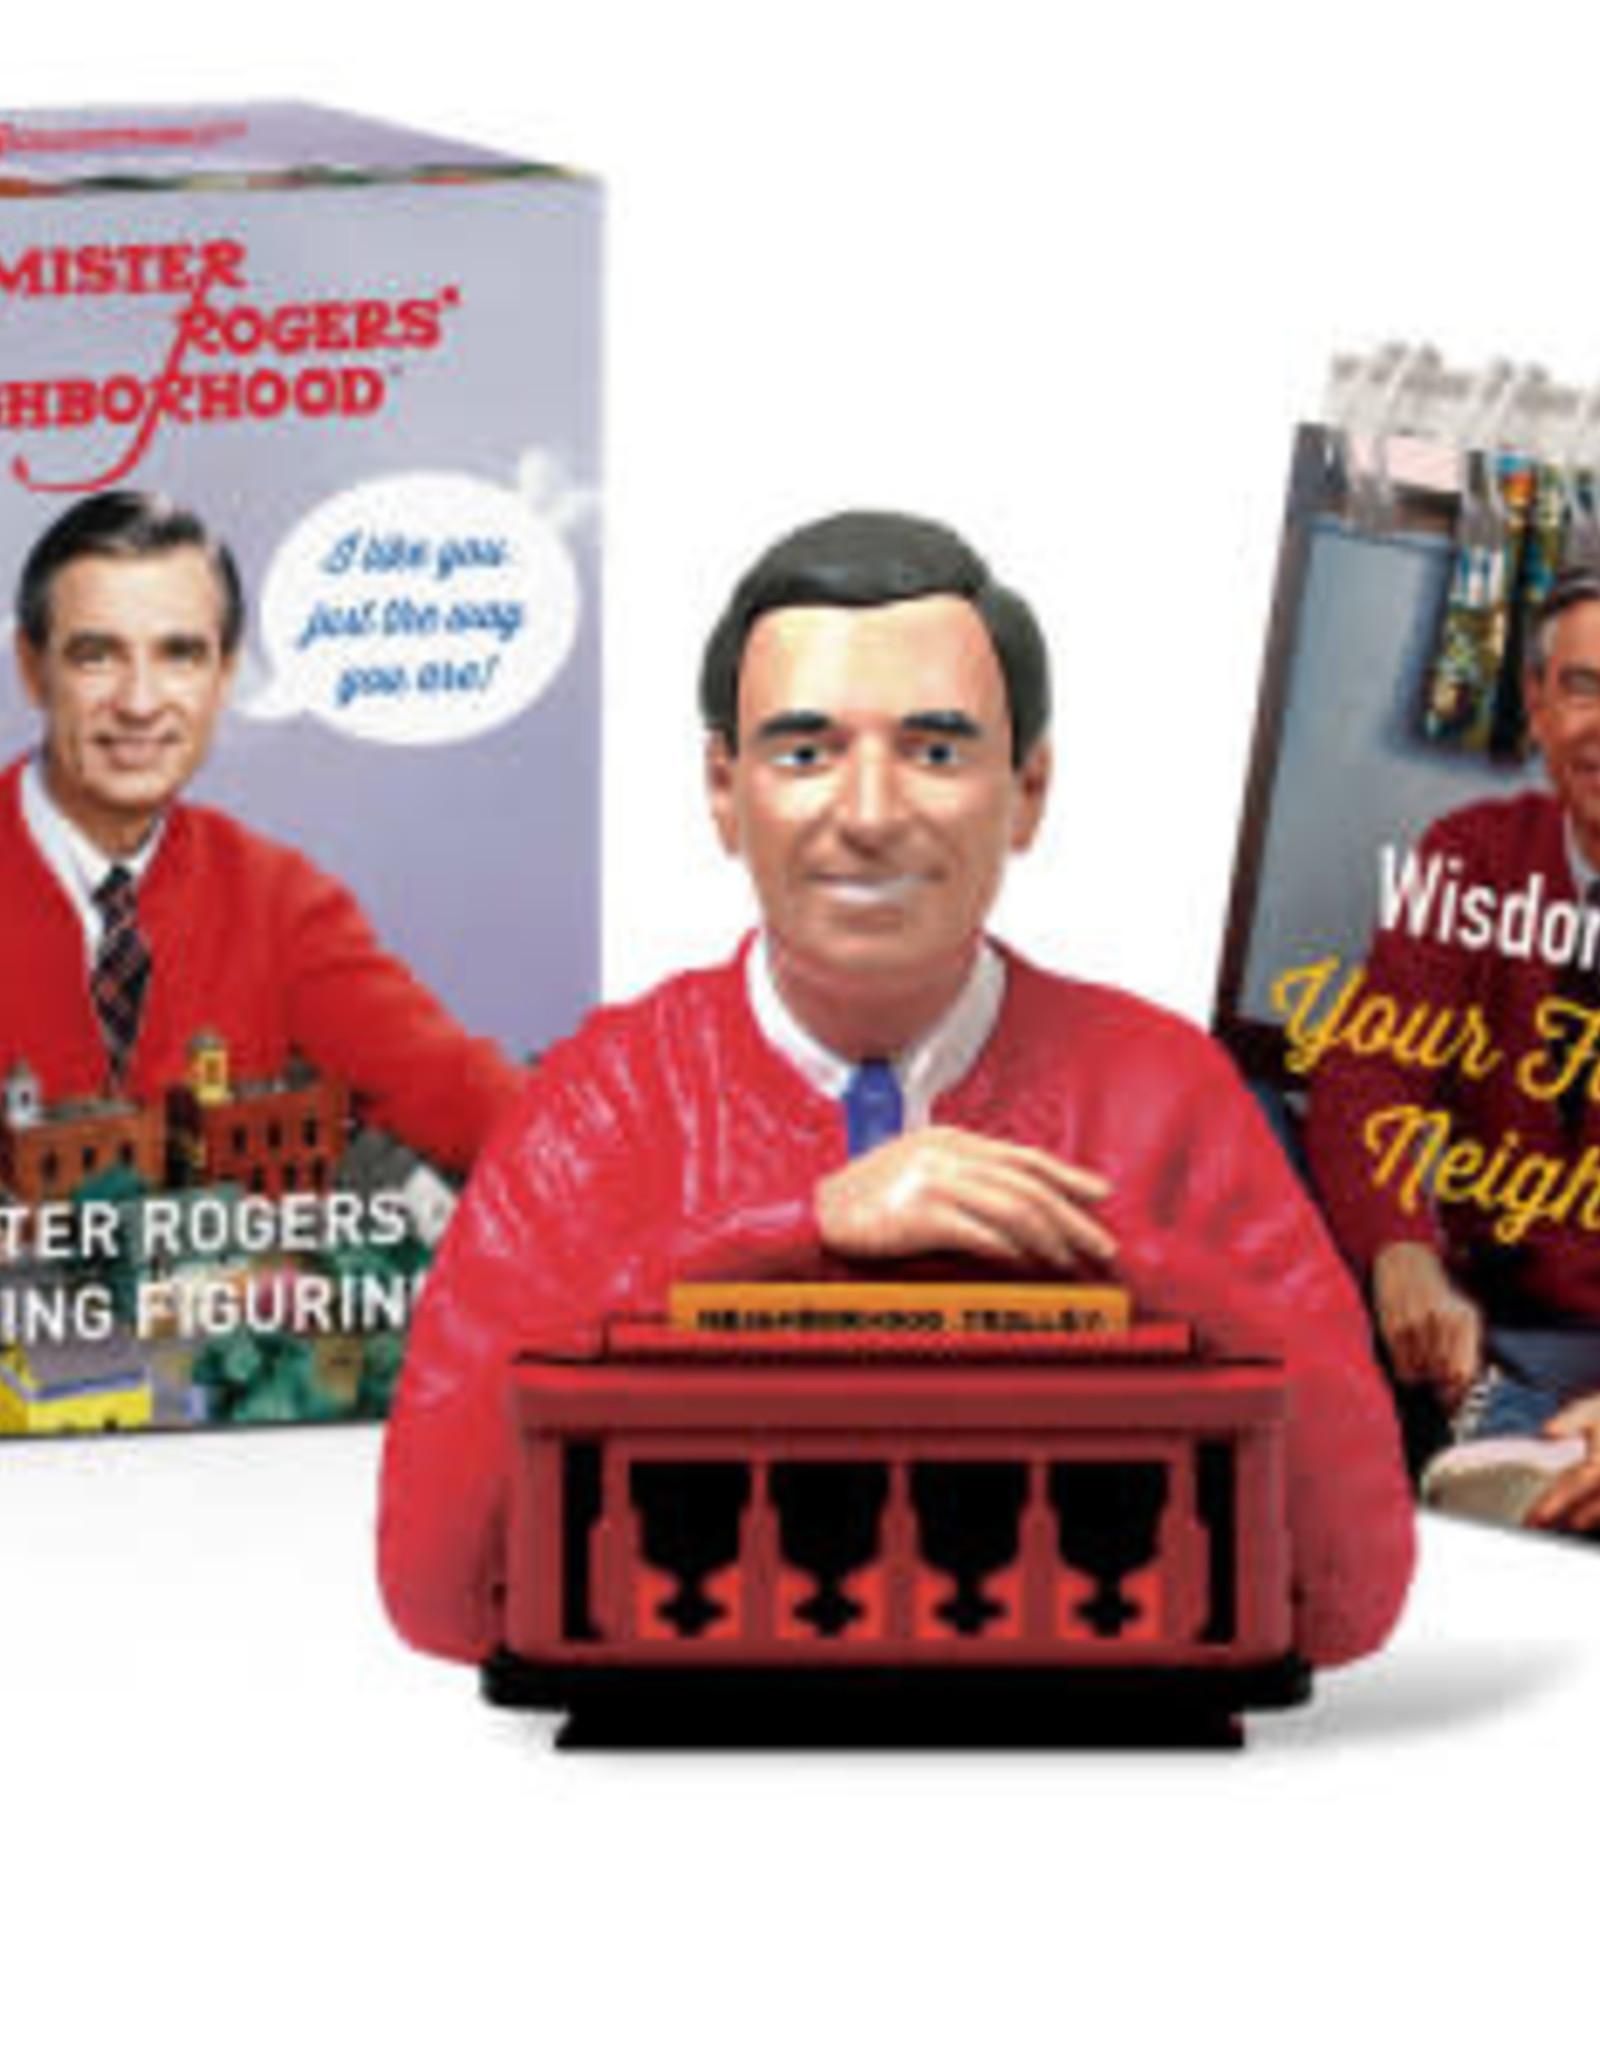 Hachette Mini Kit Mister Rogers' Neighborhood Figurine